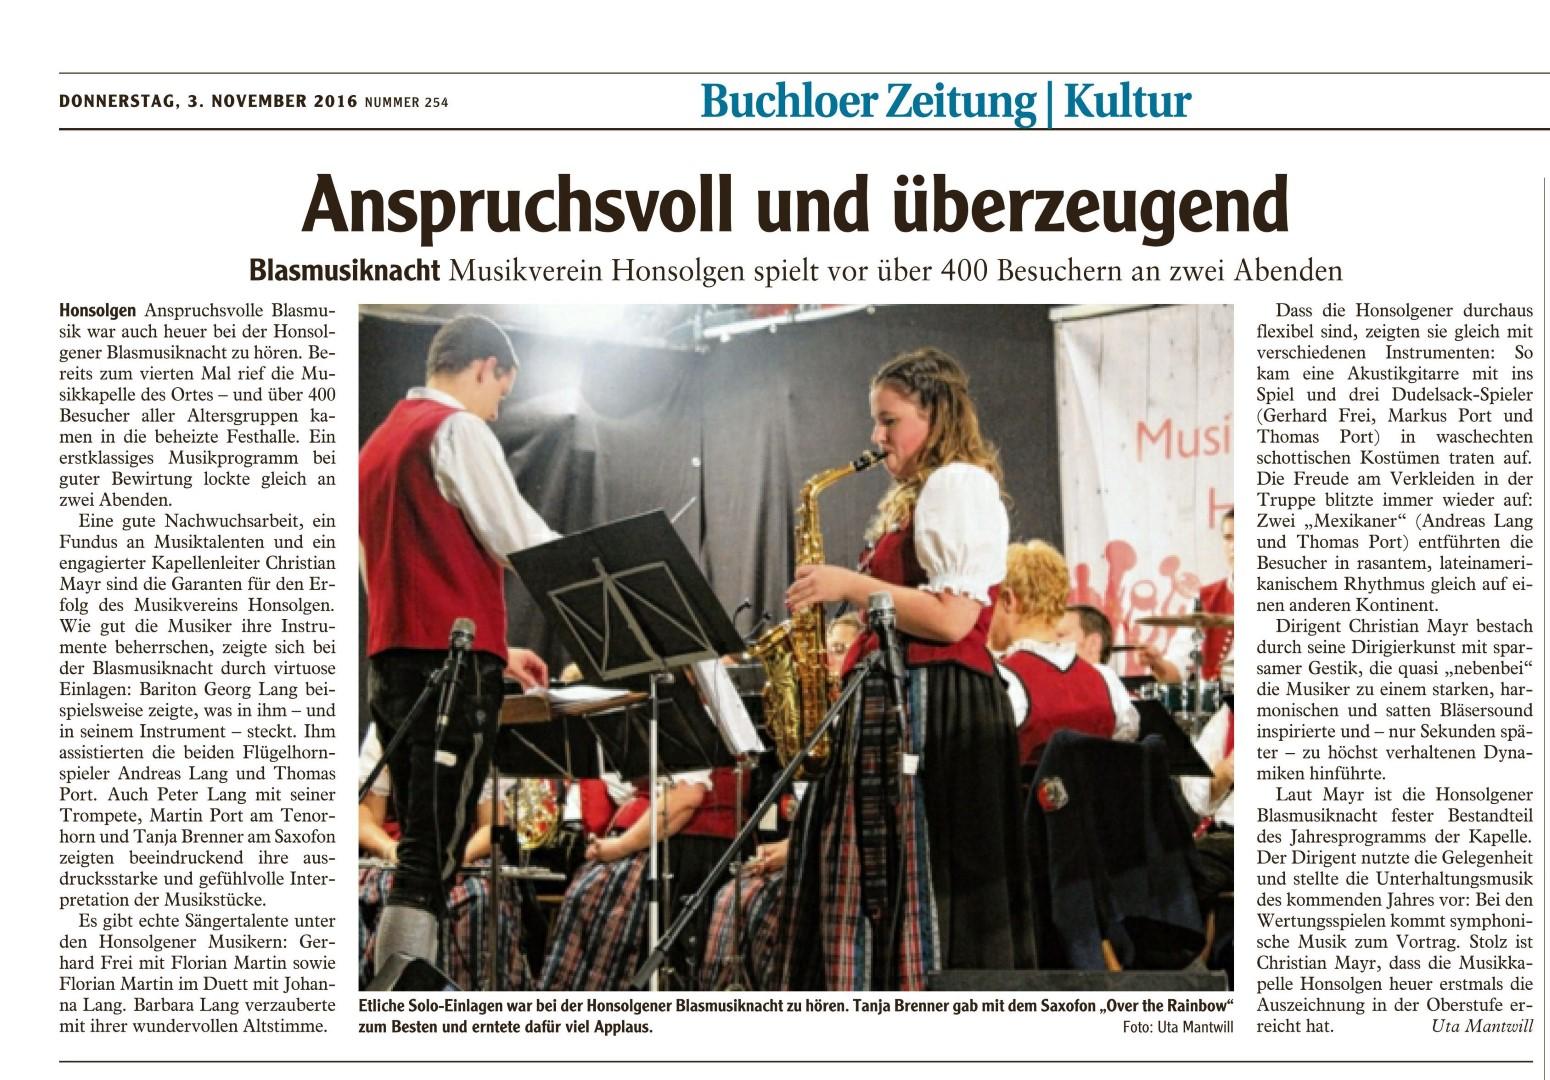 Honsolgener Blasmusiknacht 2016_Bericht aus Buchloer Zeitung